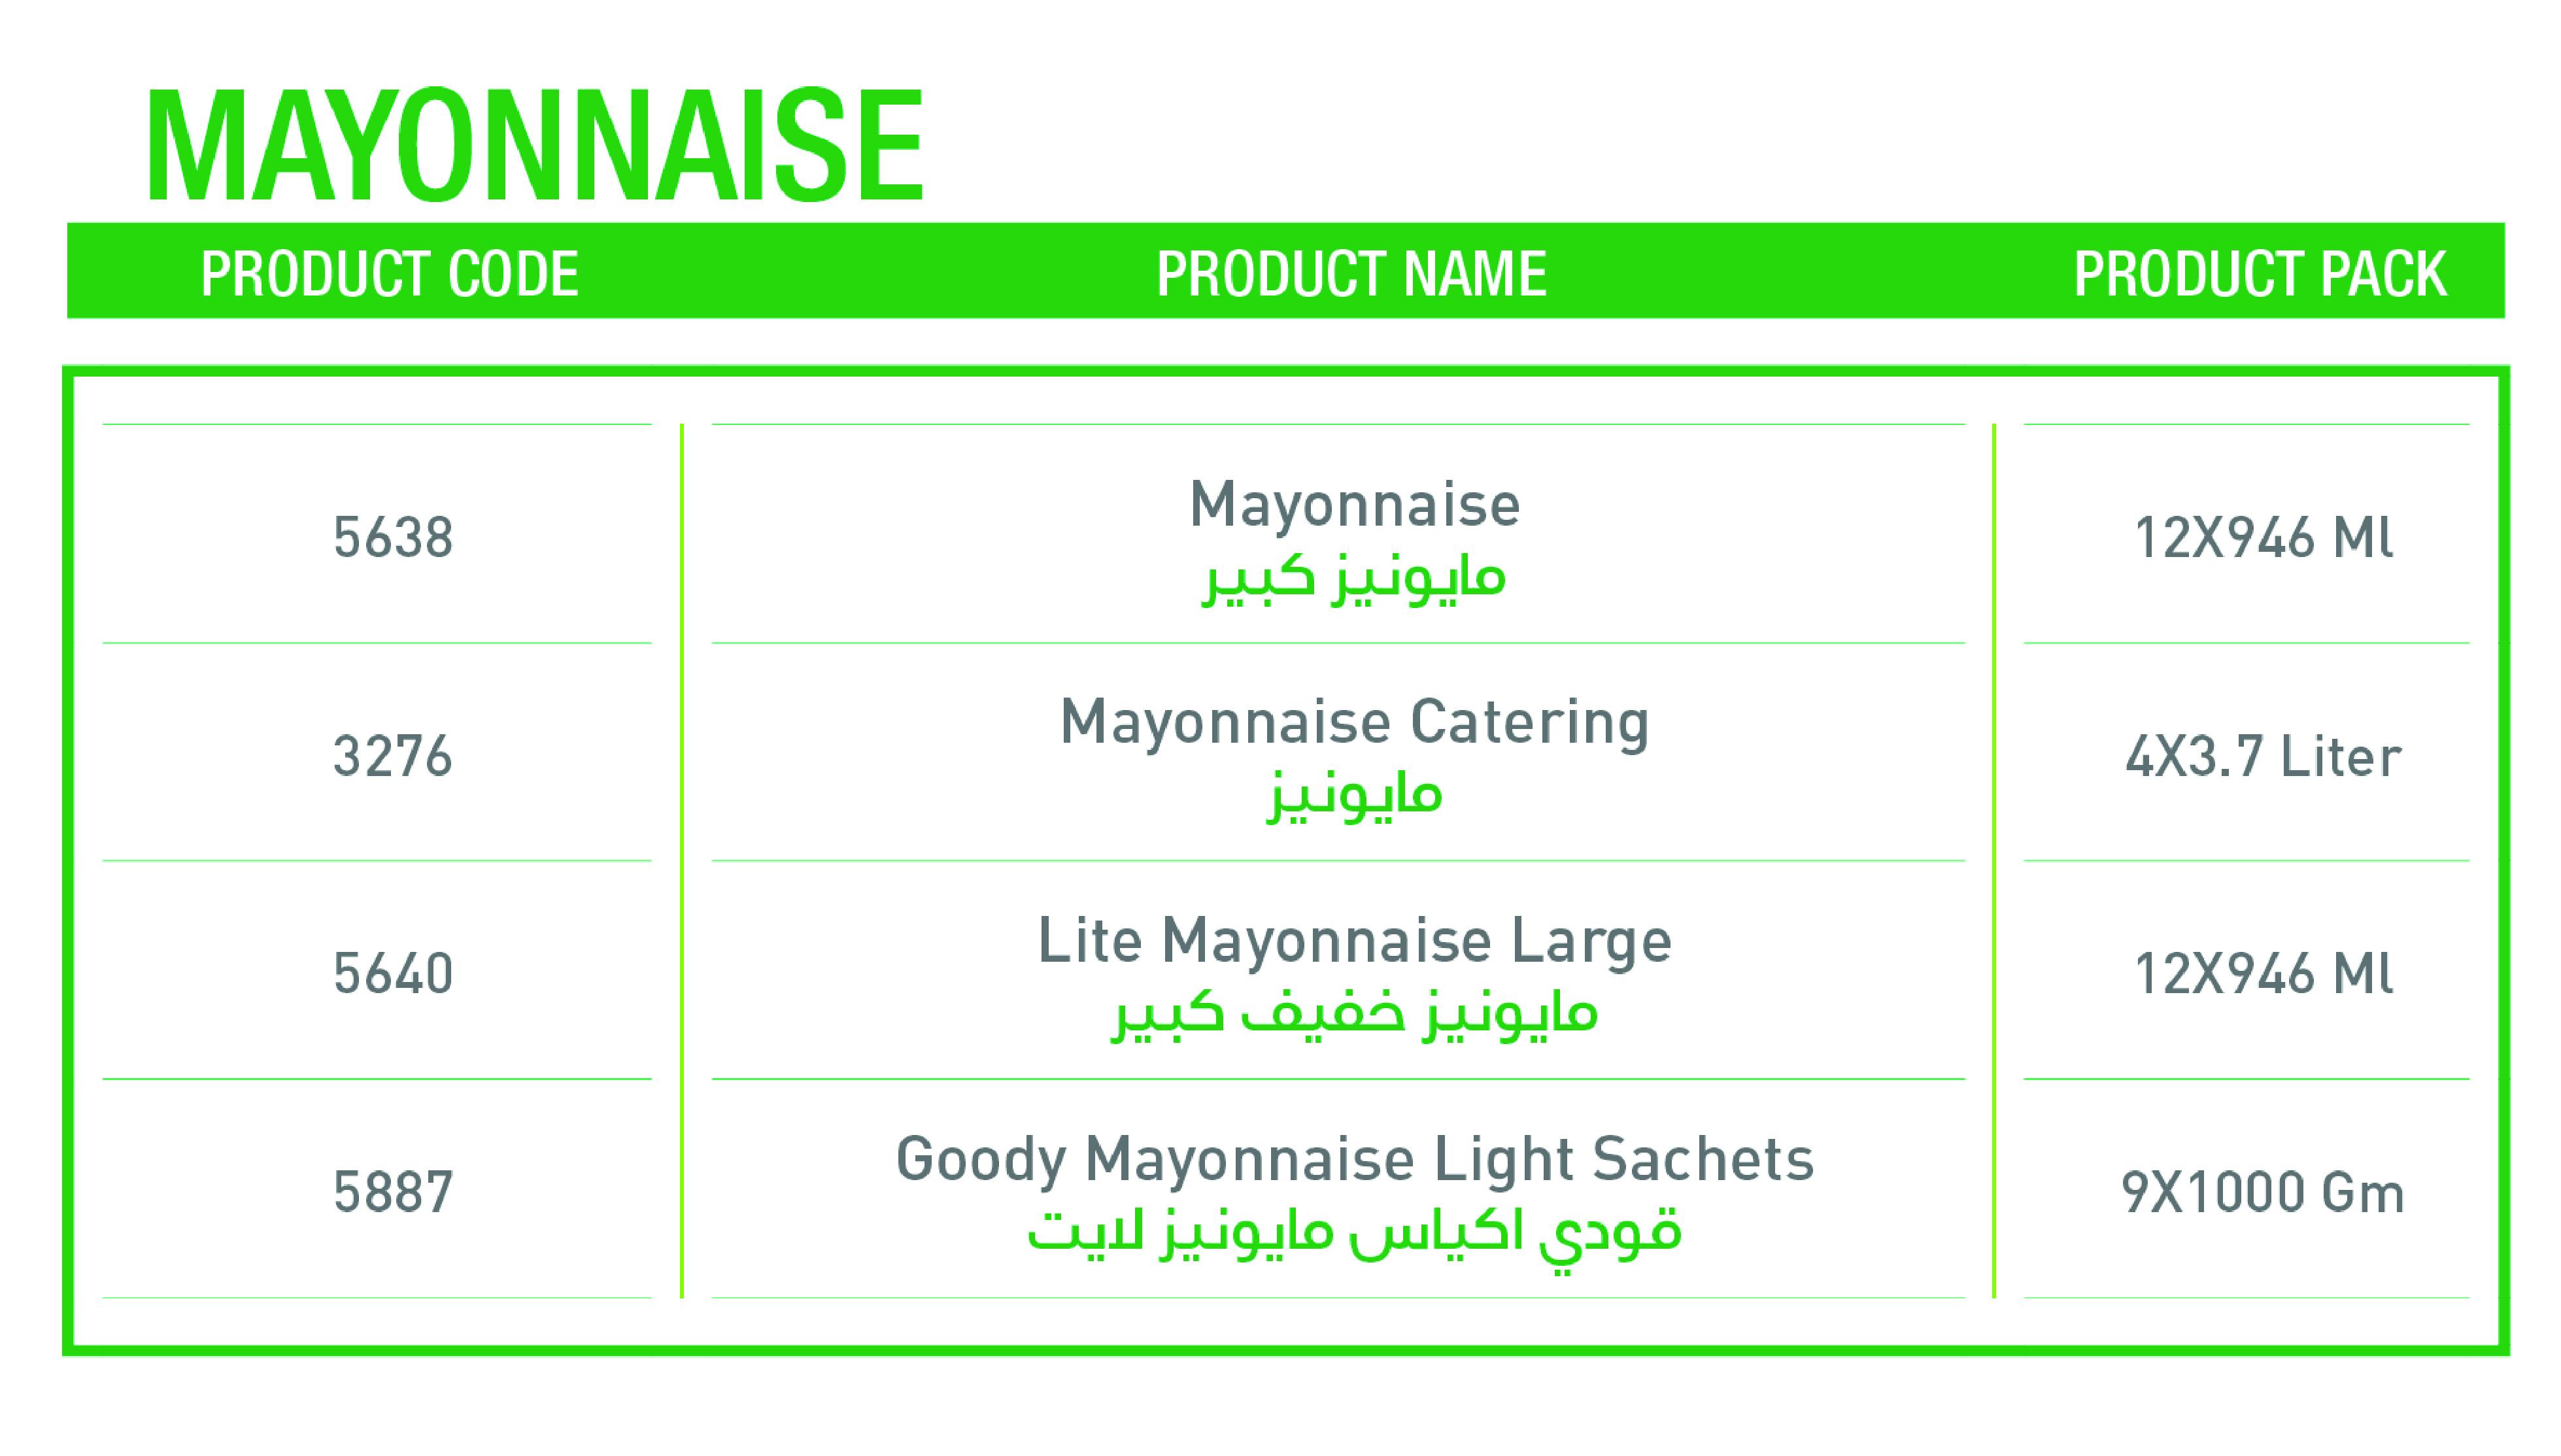 Taste Enhancers